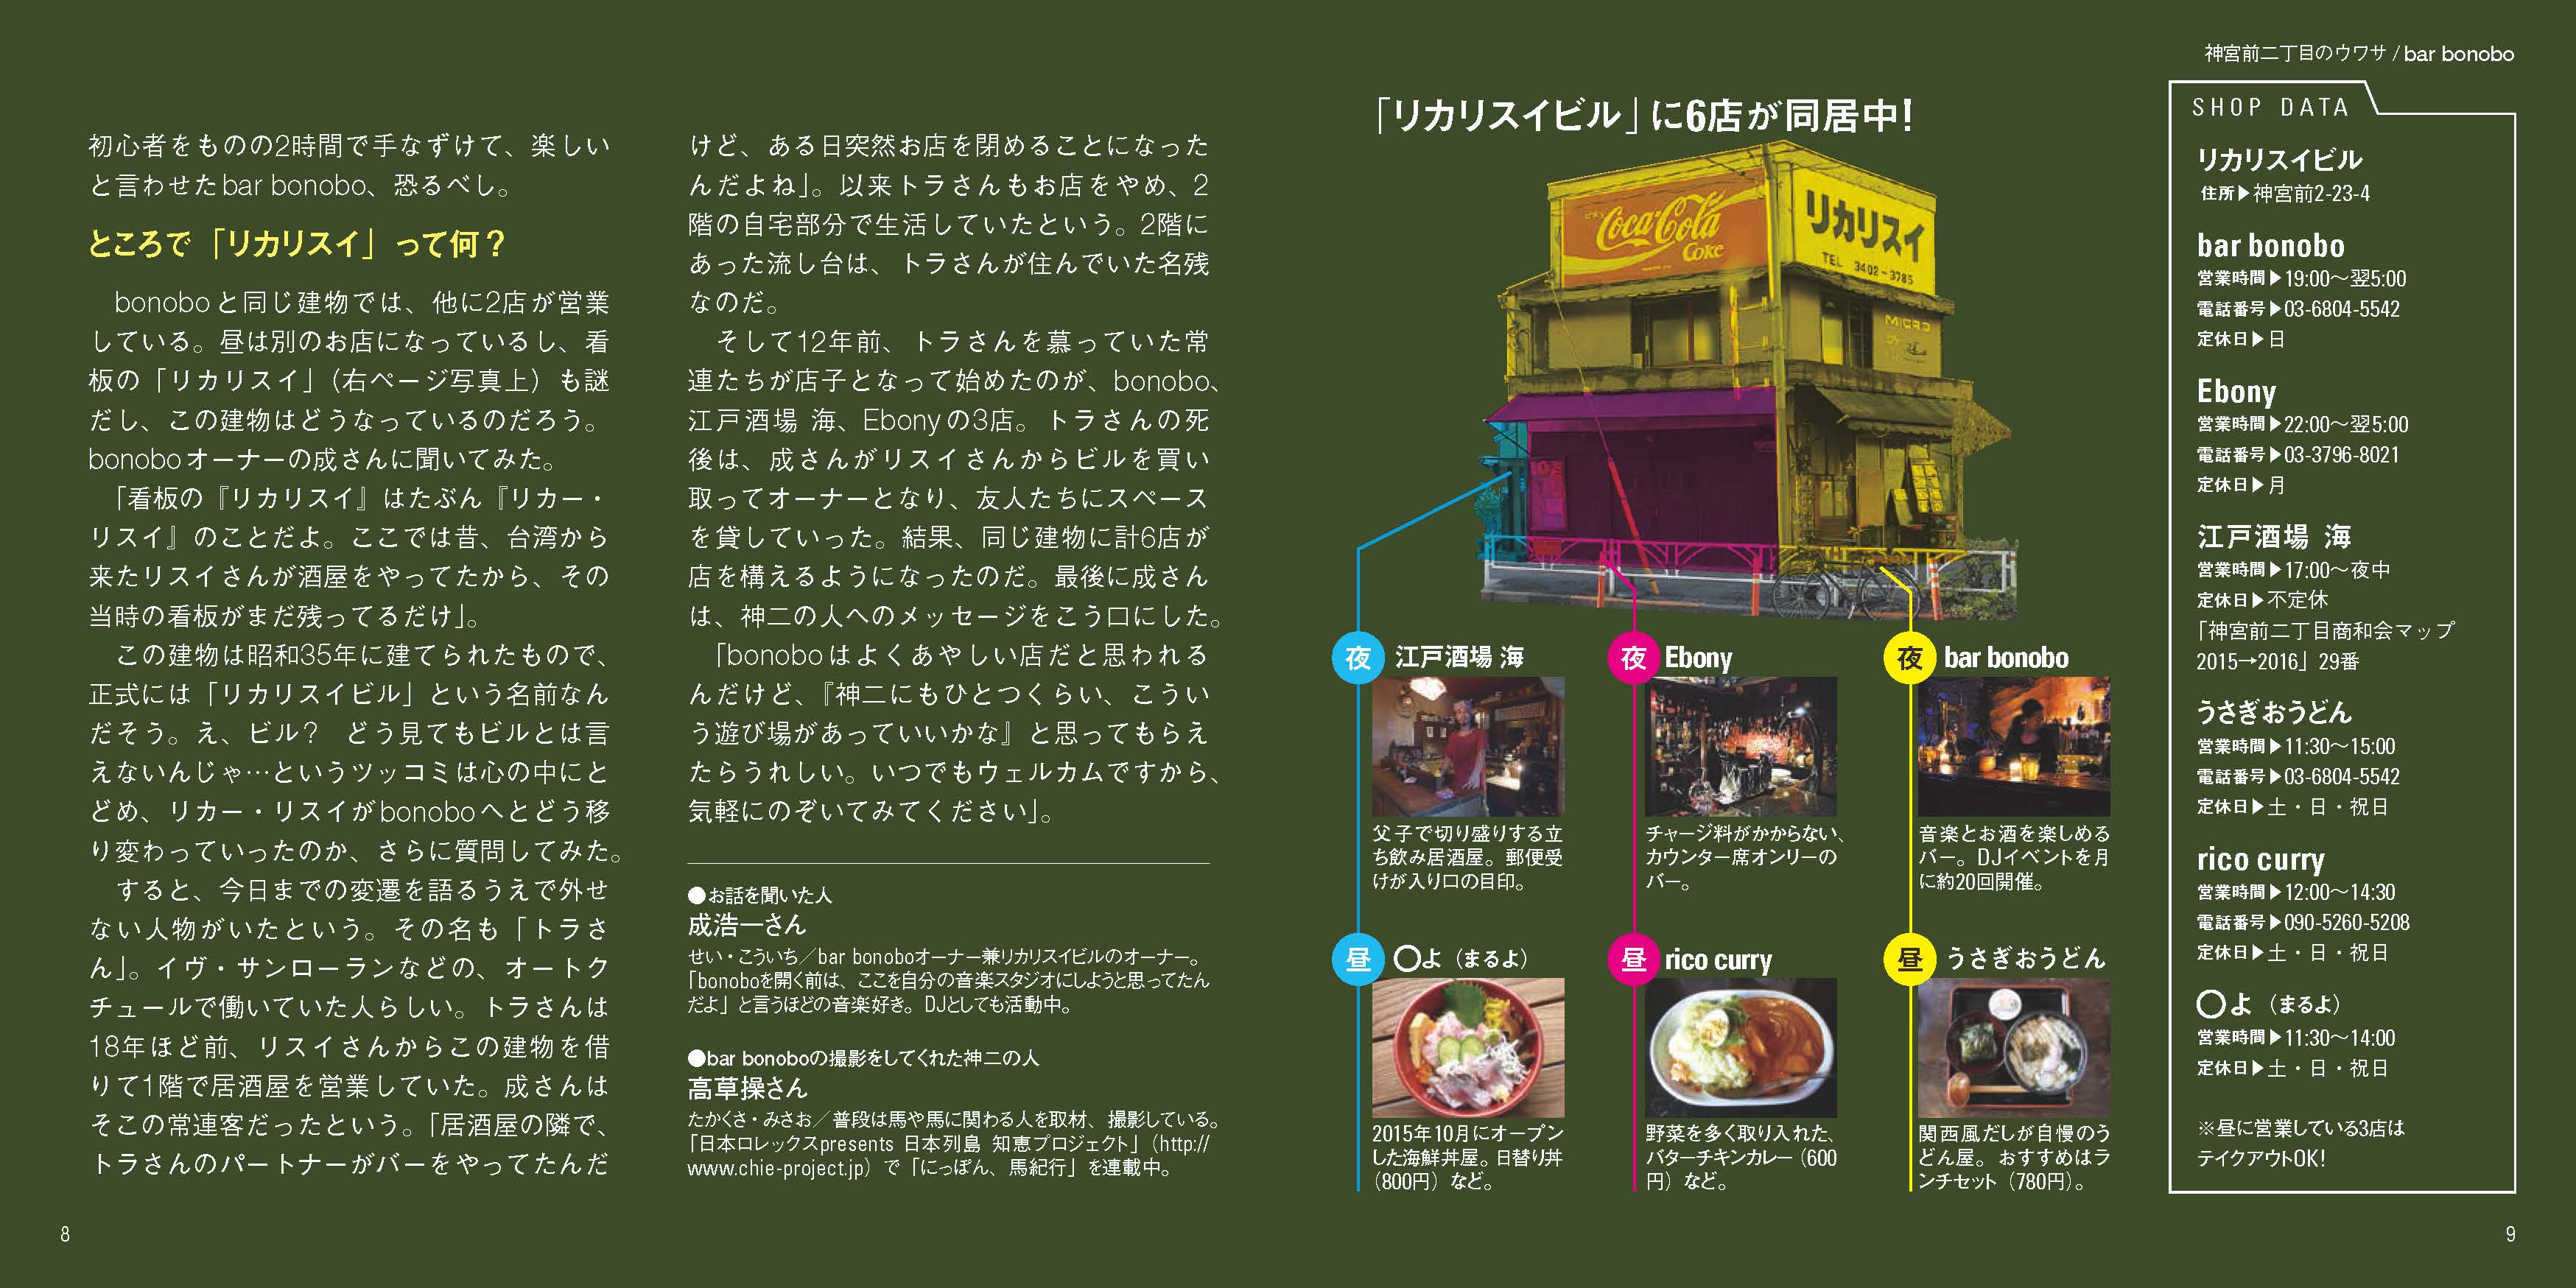 5.神2新聞_第4号_bonobo2